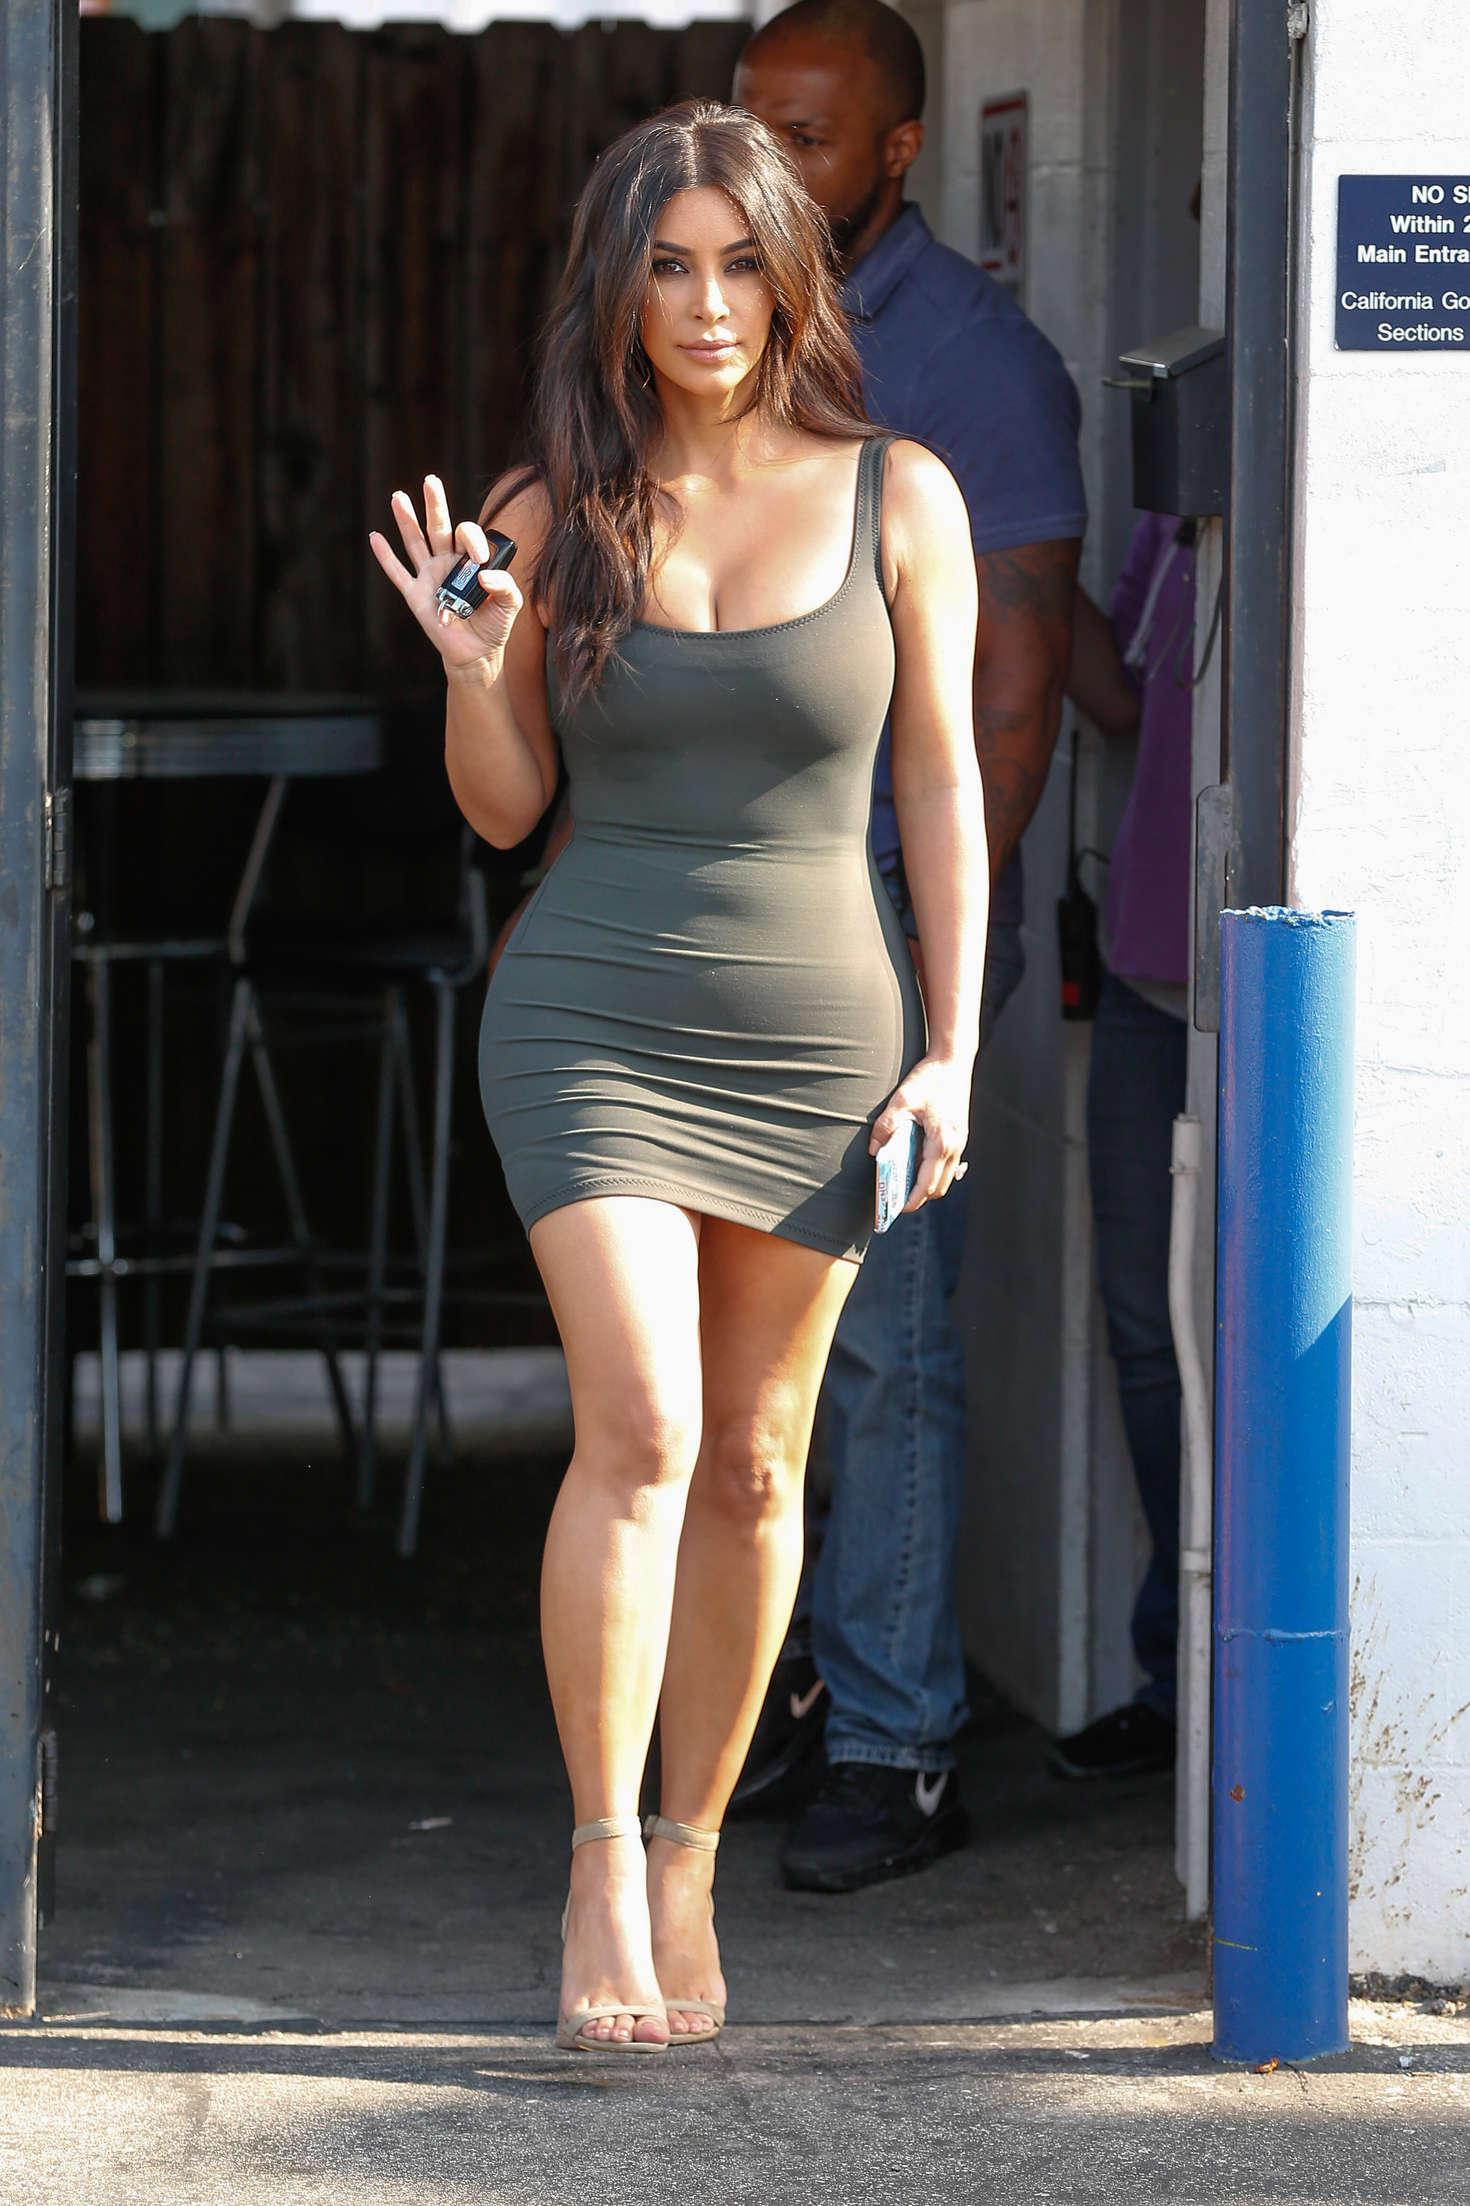 Kim Kardashian In Tight Short Dress 11 GotCeleb